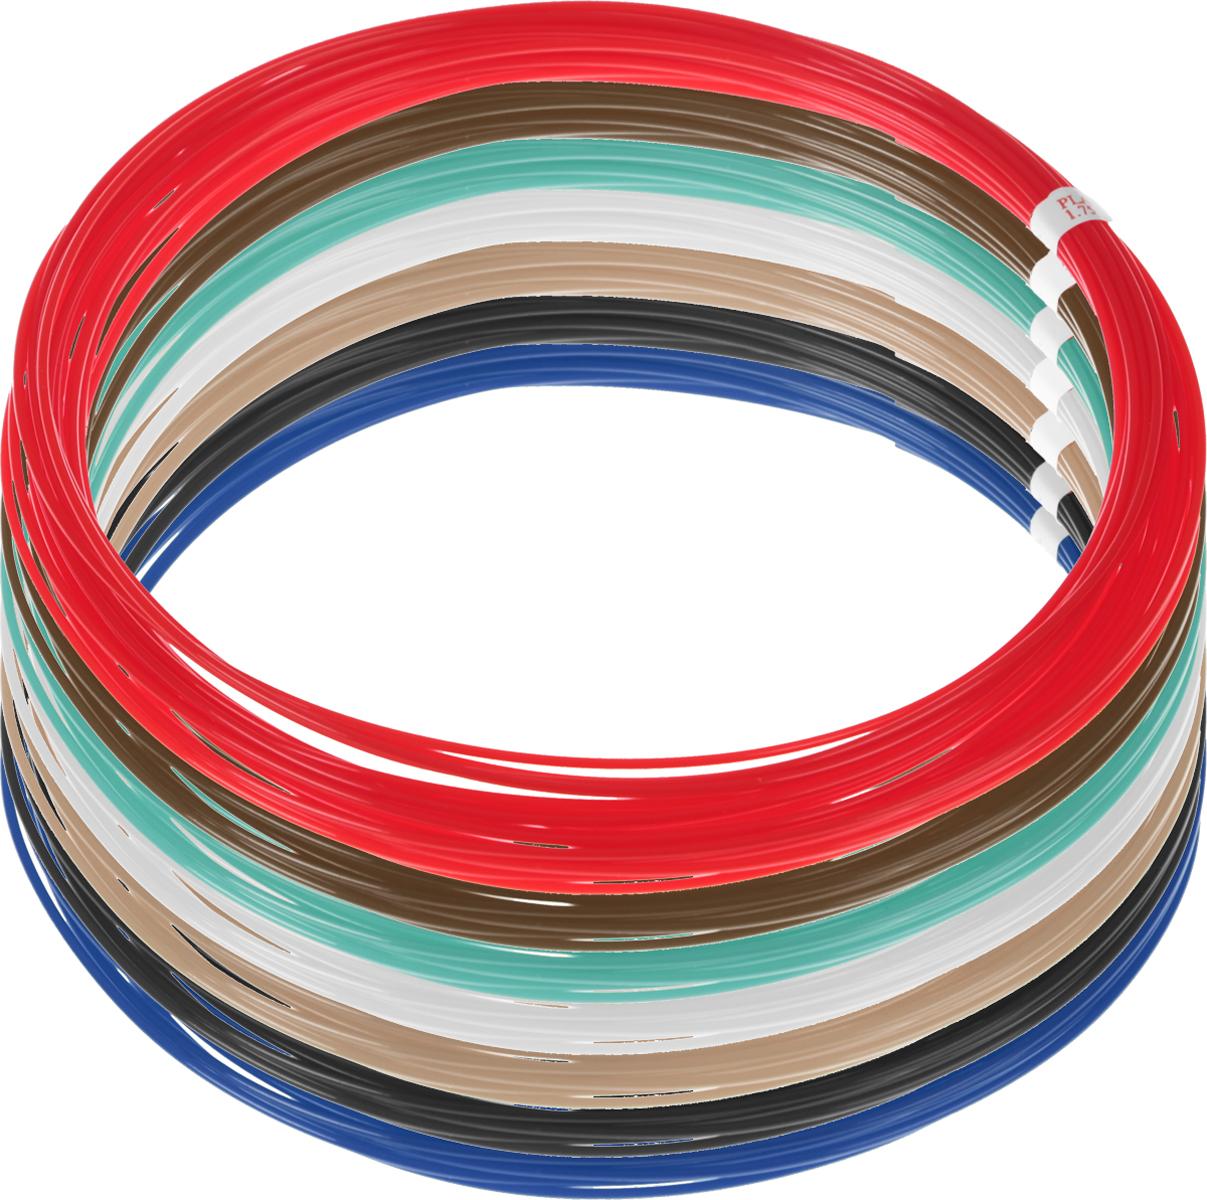 Dewang пластик PLA 7 цветов по 10 м2990000001542Пластик PLA создается из самых разнообразных продуктов сельского хозяйства - кукурузы, картофеля, сахарной свеклы и т.п. - и считается более экологичным, чем ABS, в основе которого лежит нефть. Изначально он применялся для изготовления продуктовых упаковок и легко утилизируется в промышленных компостных установках. При плавлении не выделяет едких запахов. Диаметр пластика - 1,75 мм.